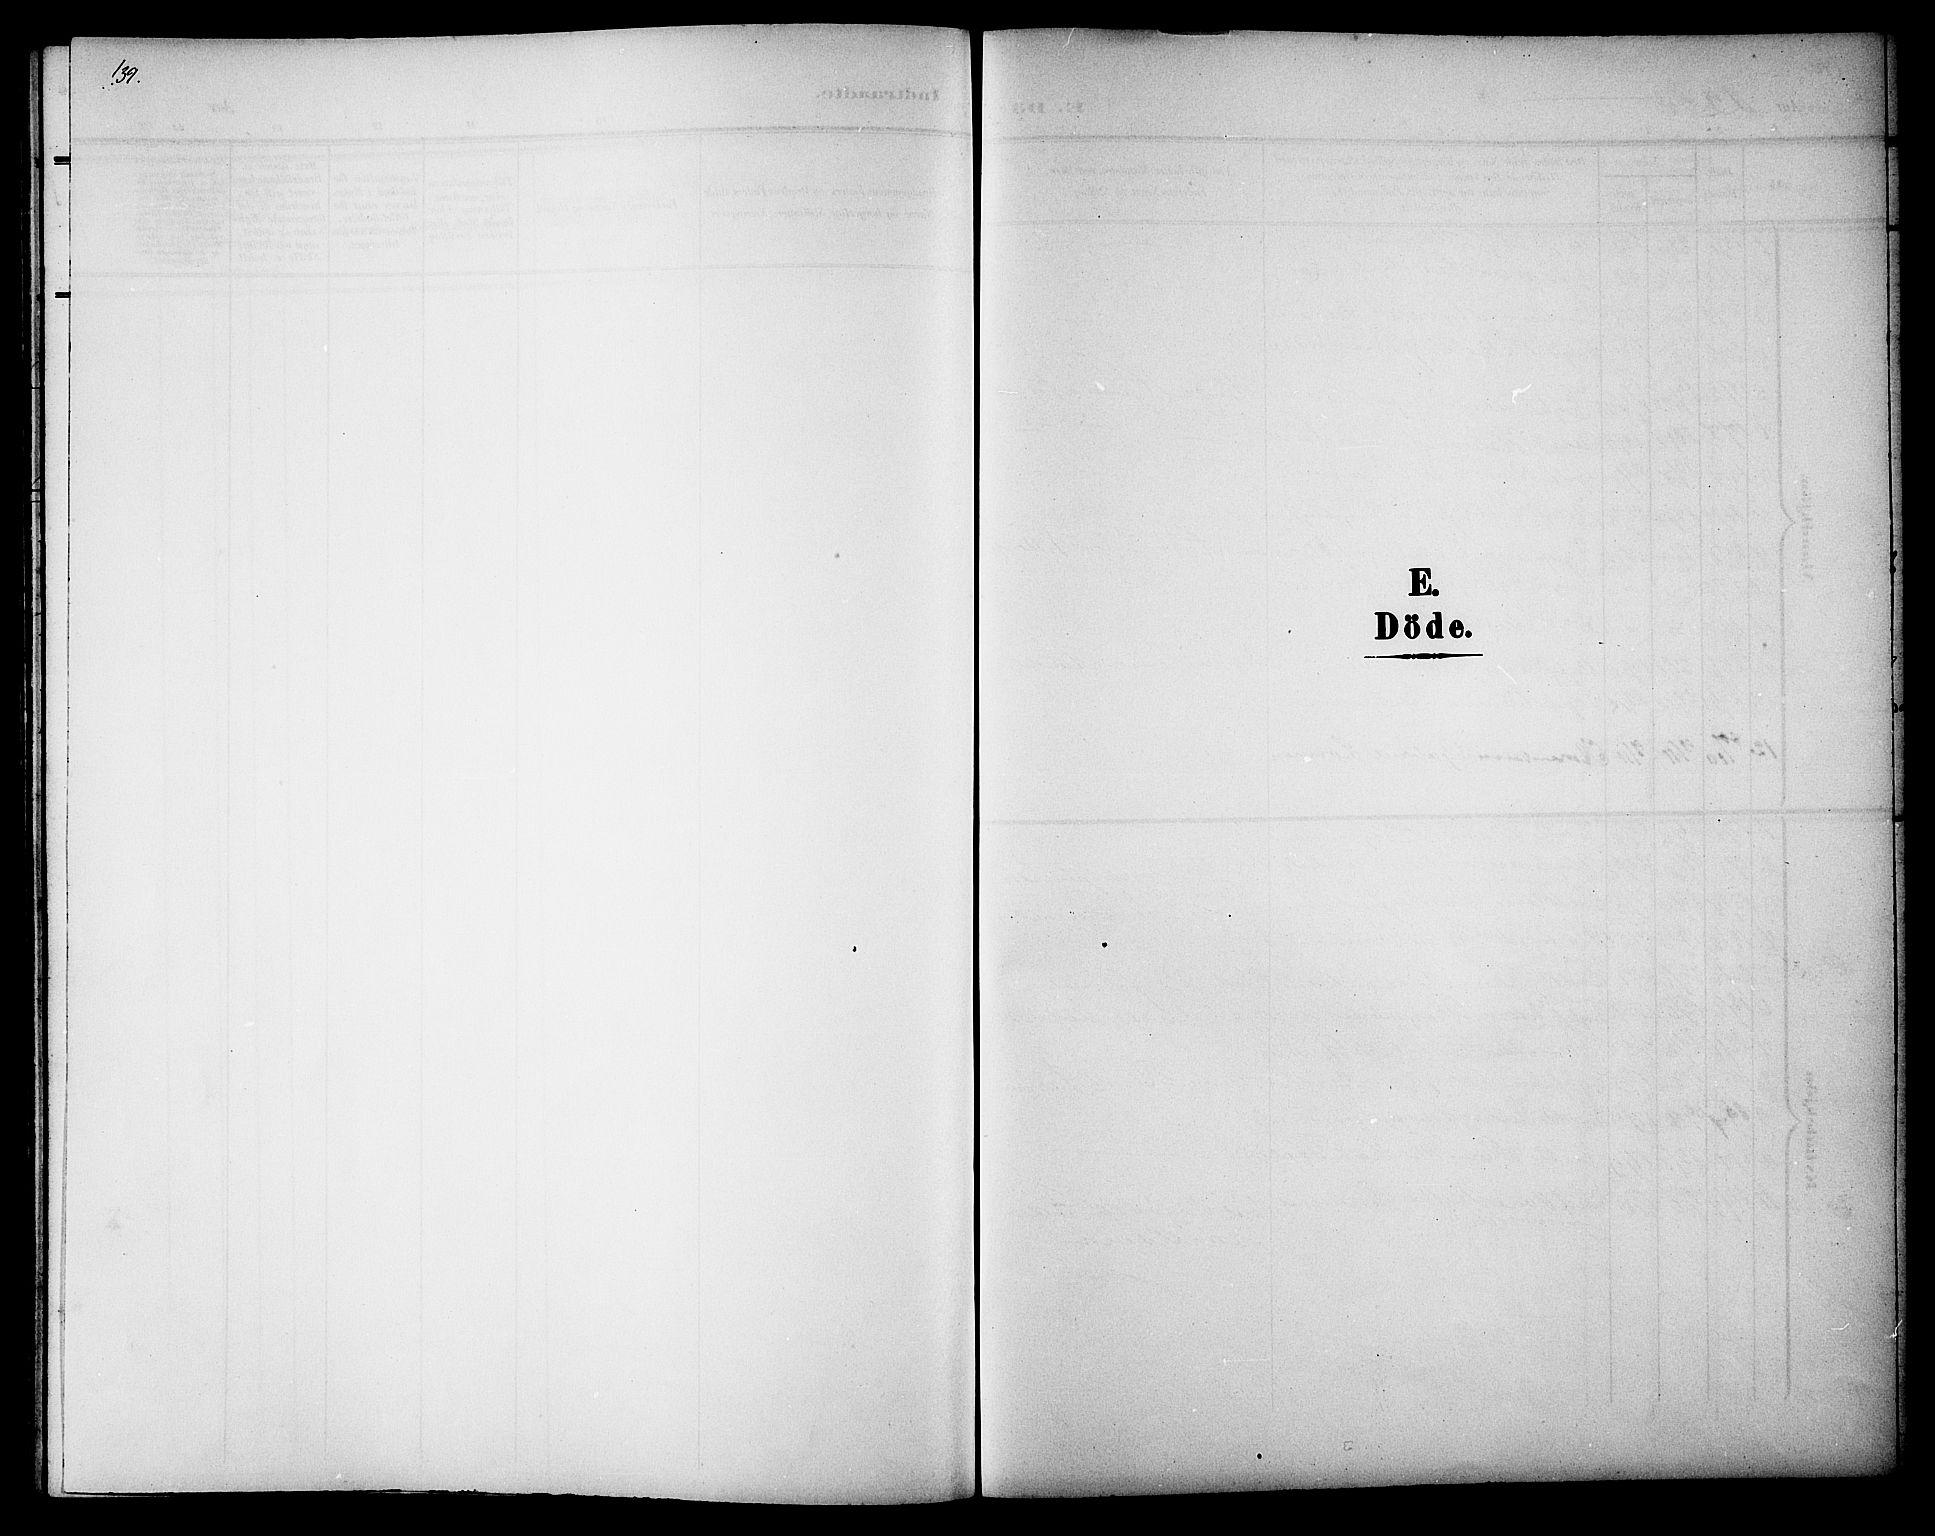 SAT, Ministerialprotokoller, klokkerbøker og fødselsregistre - Sør-Trøndelag, 657/L0717: Klokkerbok nr. 657C04, 1904-1923, s. 139